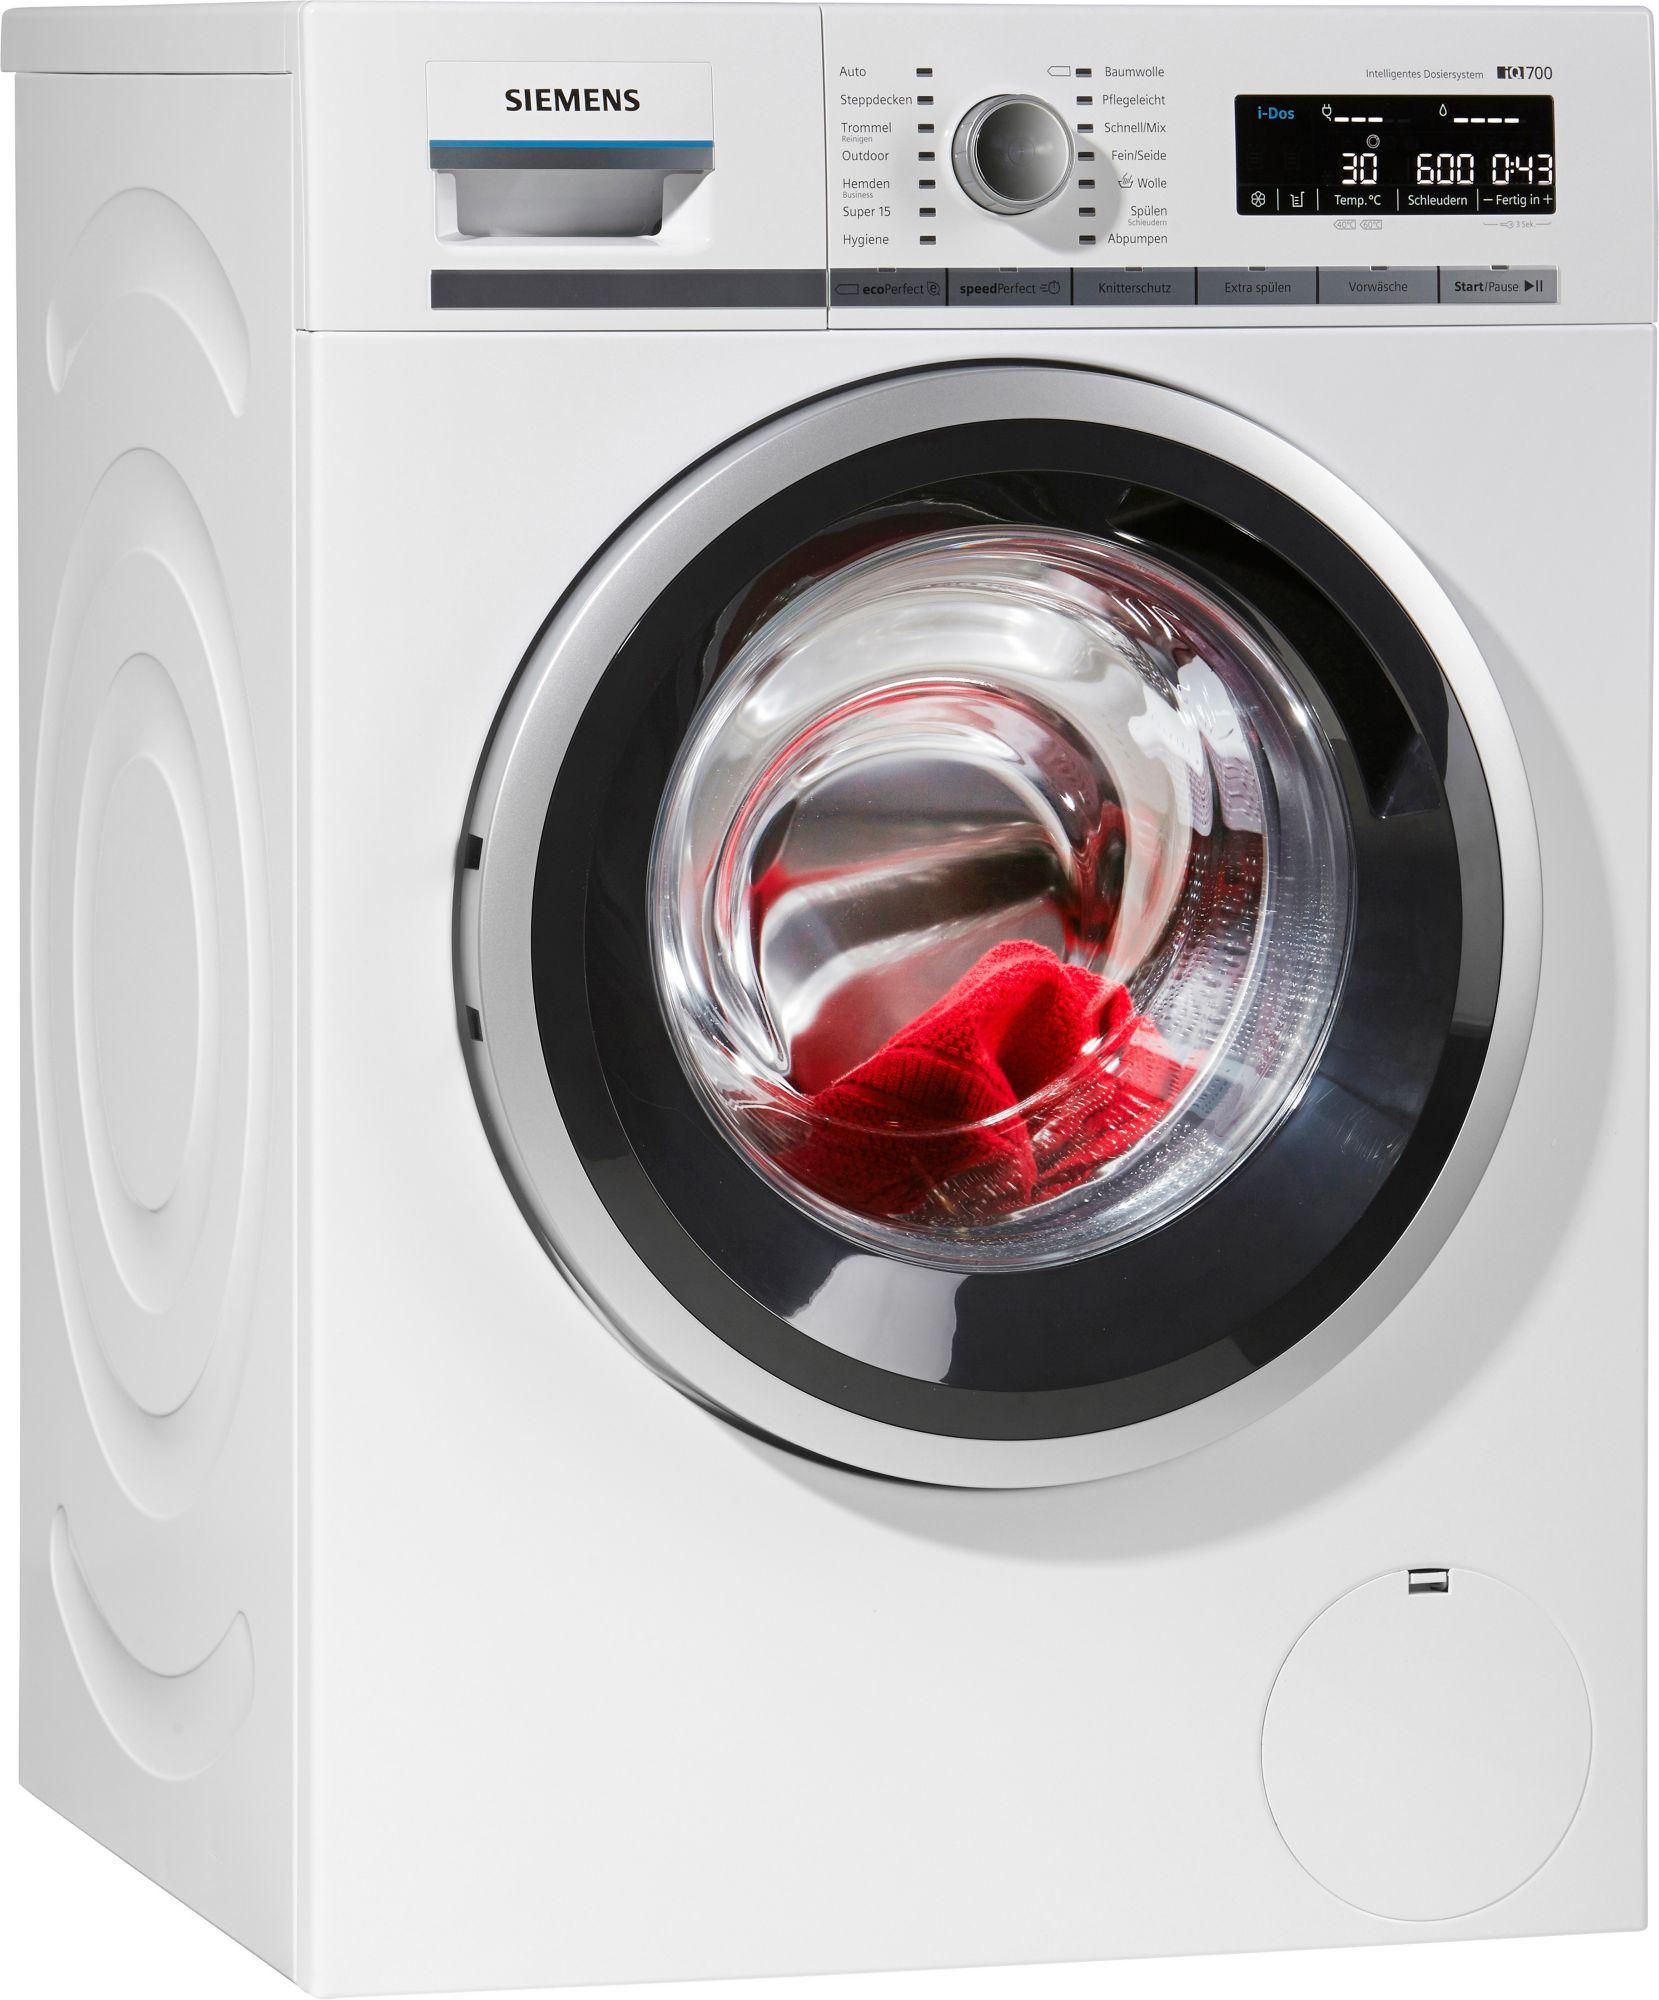 siemens waschmaschine wm14w640 i dos a 8 kg 1400 u min schwab versand eco haushalt. Black Bedroom Furniture Sets. Home Design Ideas